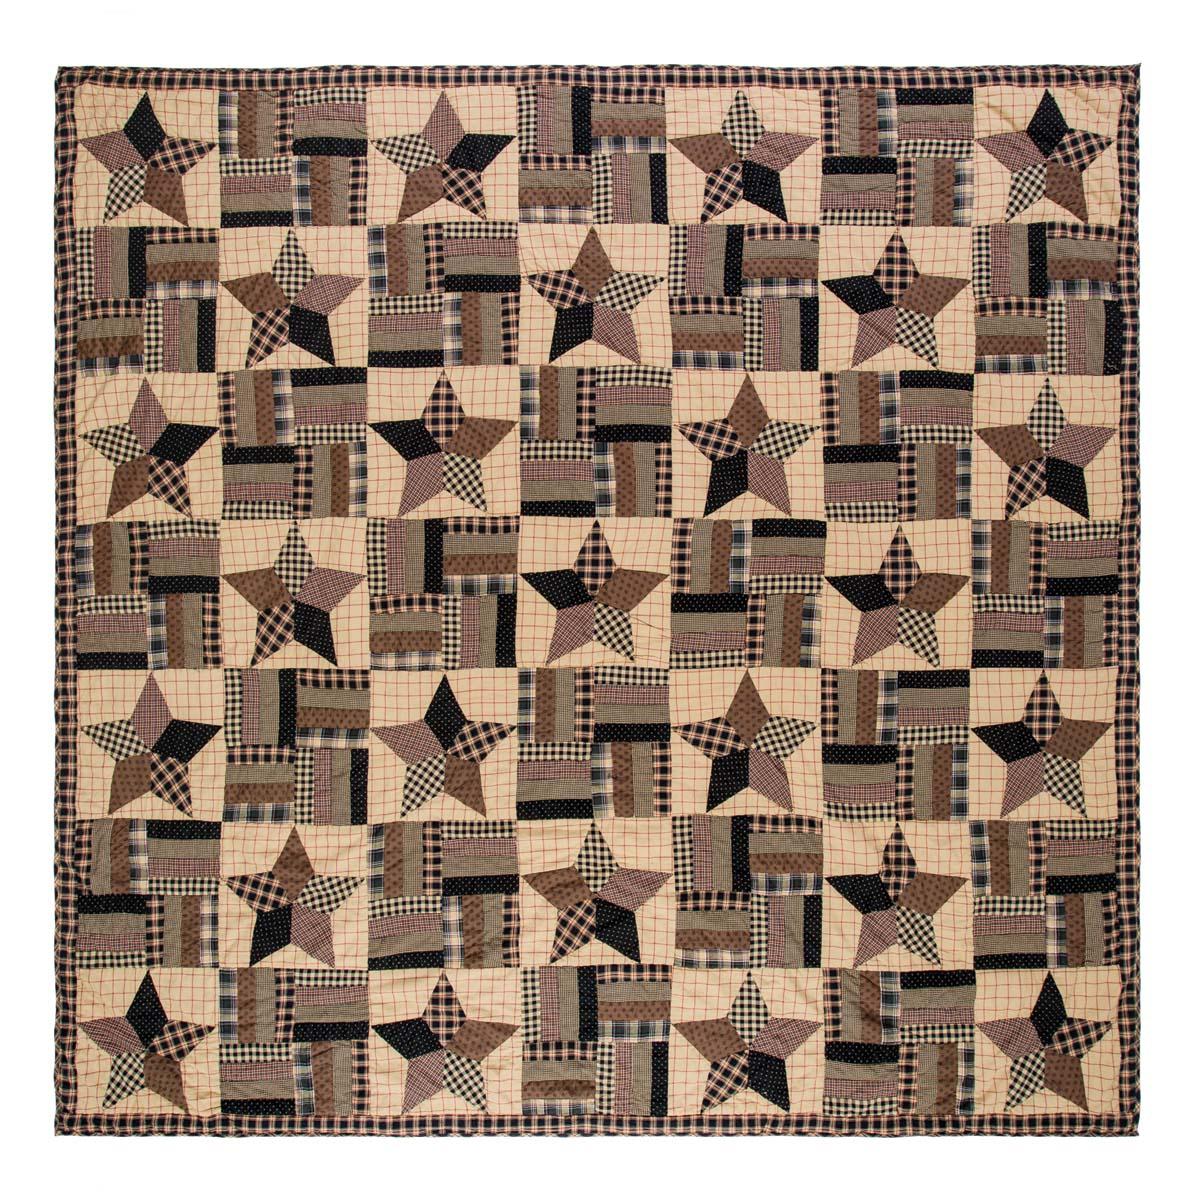 Bingham Star Queen Quilt 94Wx94L